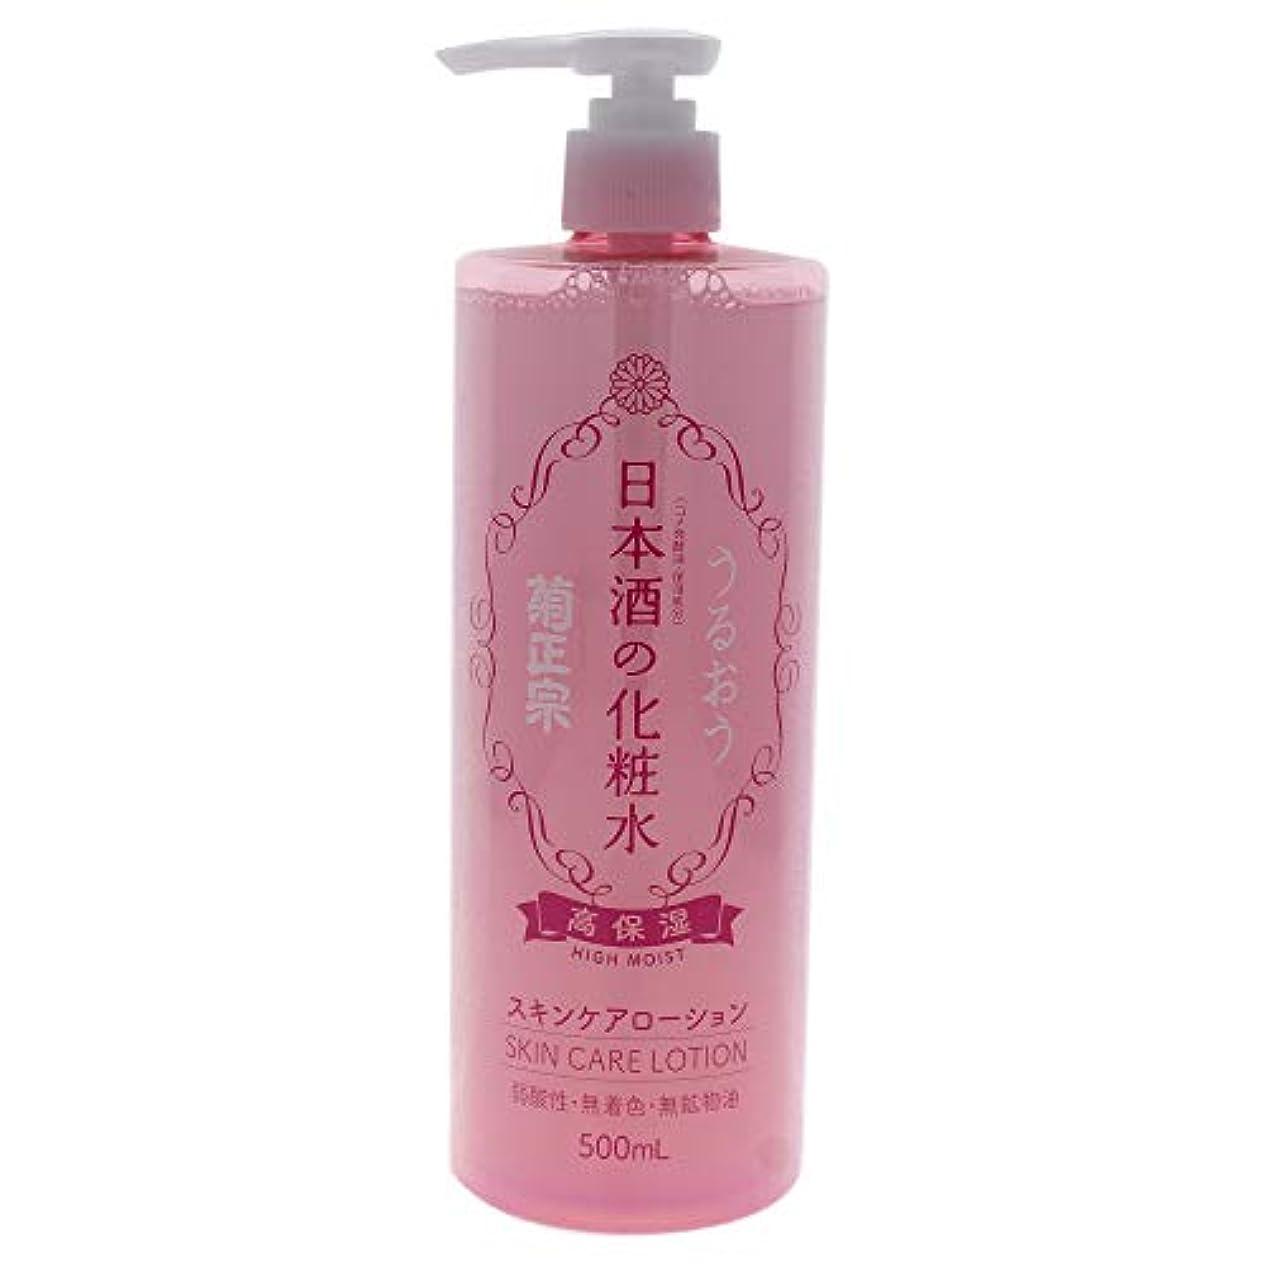 カタログスペクトラム優越菊正宗 日本酒の化粧水 高保湿 単品 500ml